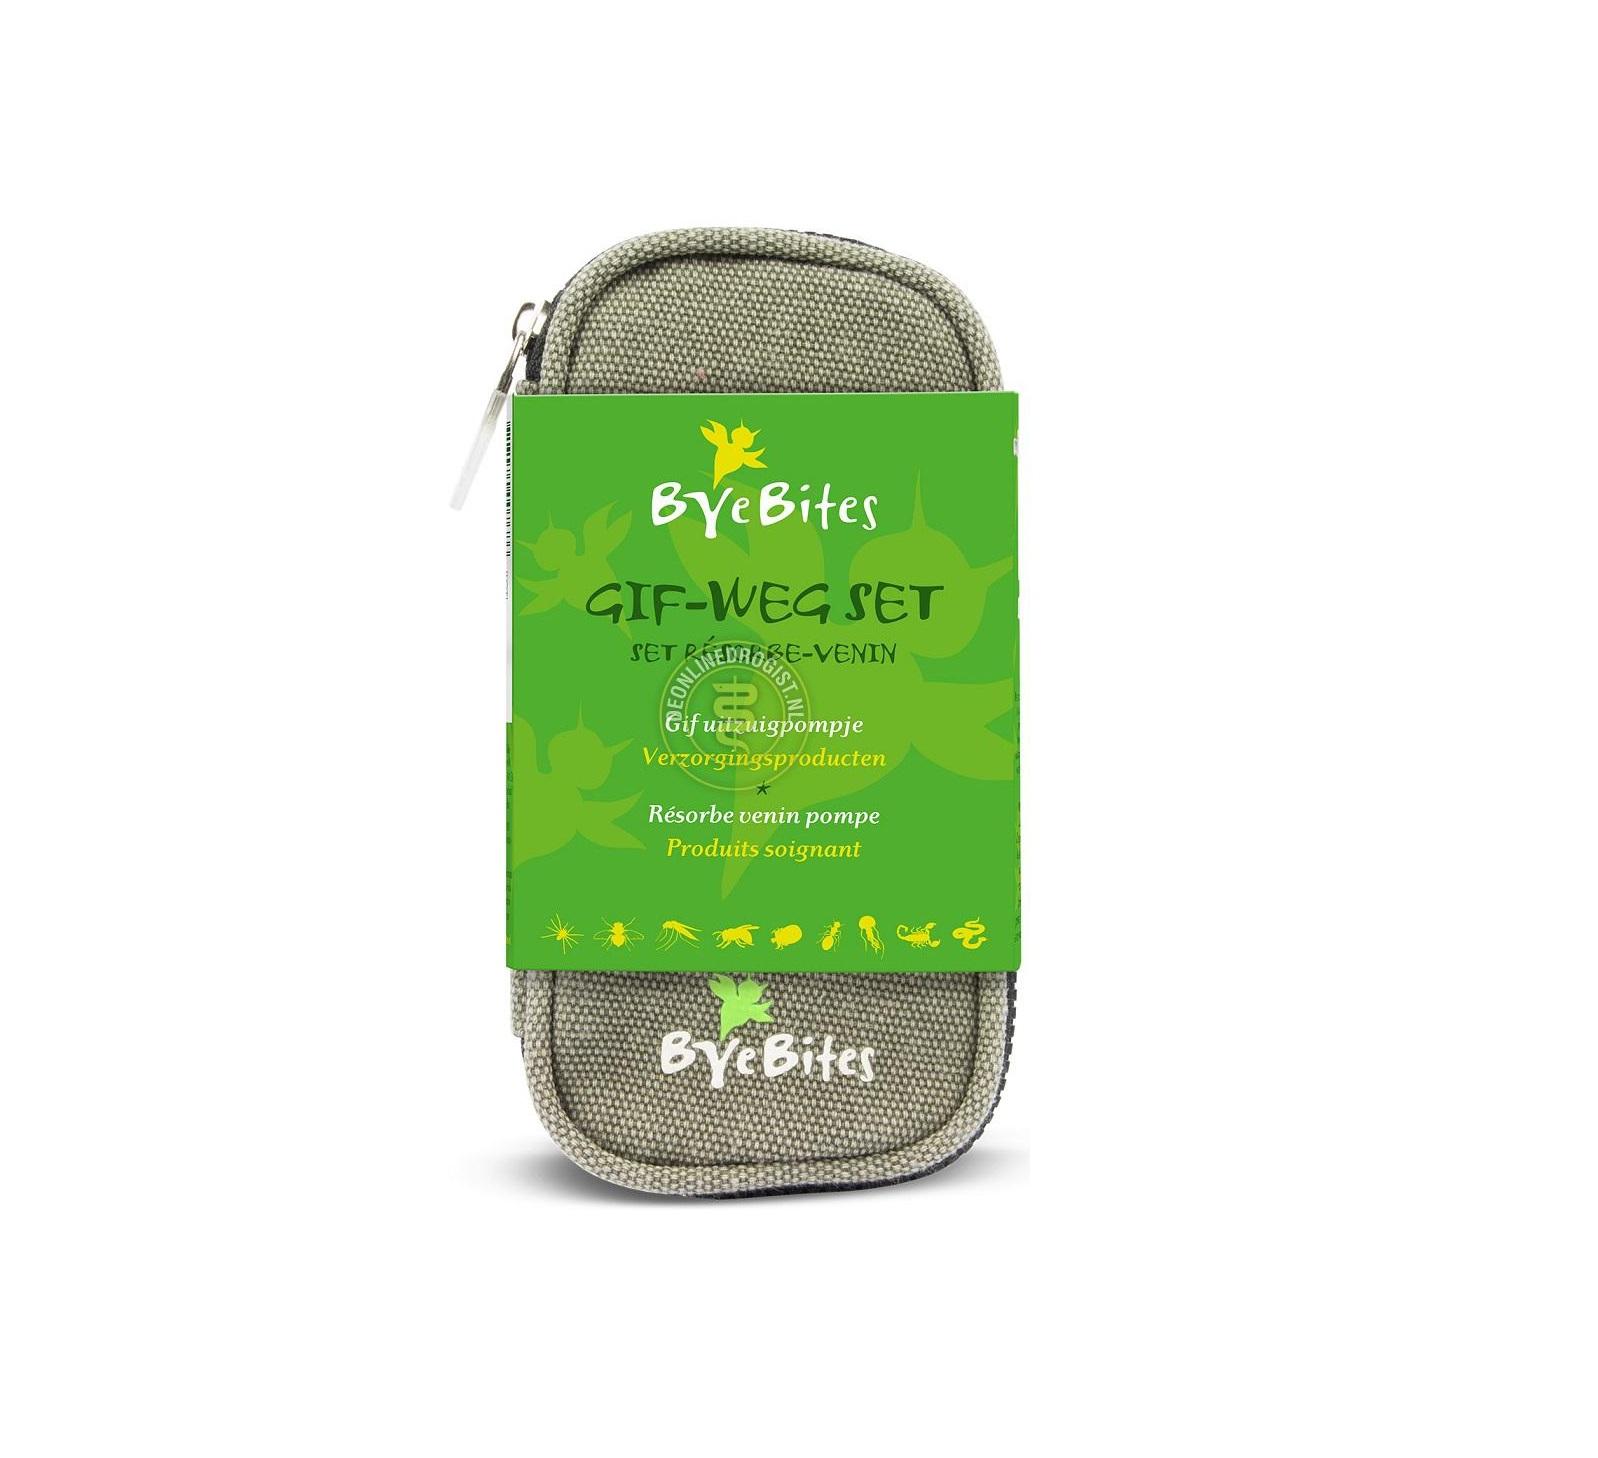 ByeBites insectenbeten set € 16.47